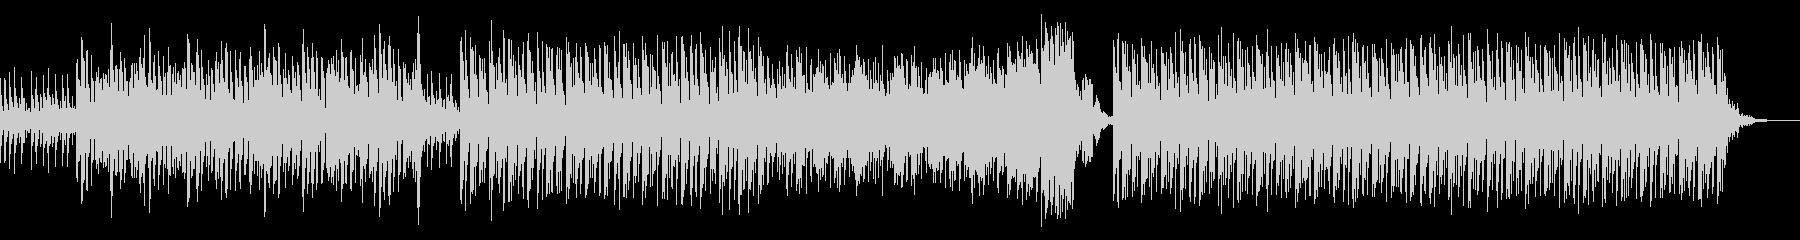 謎解きのピースがハマっていくような曲の未再生の波形